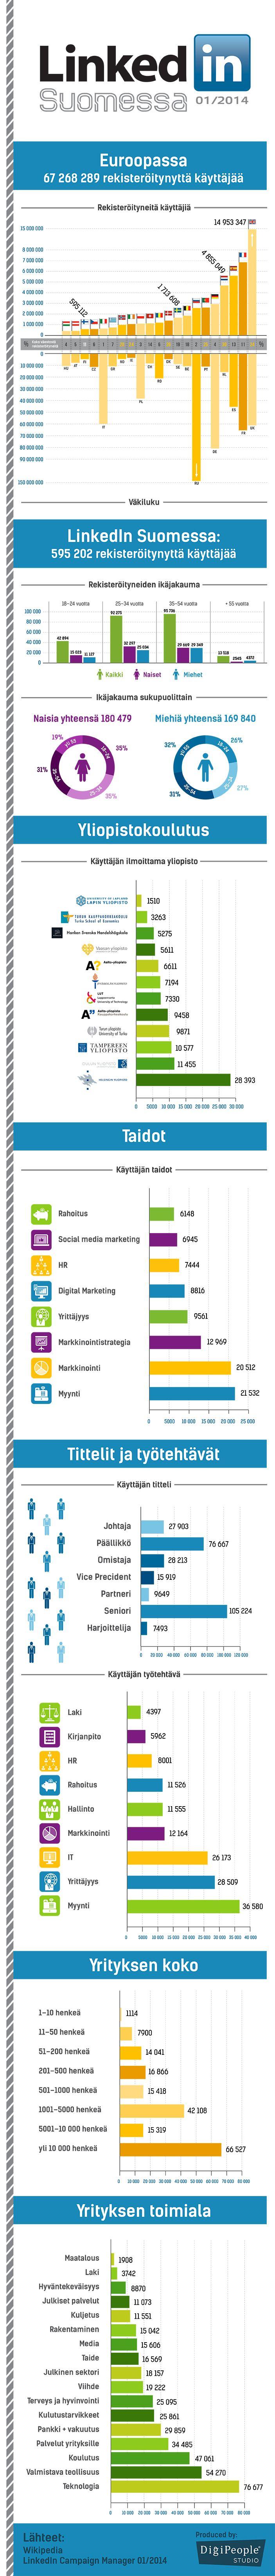 LinkedIn Suomessa Infograafi tiivistää rekisteröityneet suomalaiset LinkedInissä tammikuussa 2014. Infograafin alussa pientä vertailua Euroopan muihin maihin suhteutettuna väkilukuun. Suomalaiset LinkedIn Suomessa Infograafin data on kerätty LinkedIn mainostyökalun kautta. ** Looking for social media recruitment / job hunting, personal / employer branding advice or LinkedIn support? Contact me at tom.laine@innopinion.com. Read more about me at https://www.linkedin.com/in/tomlaine